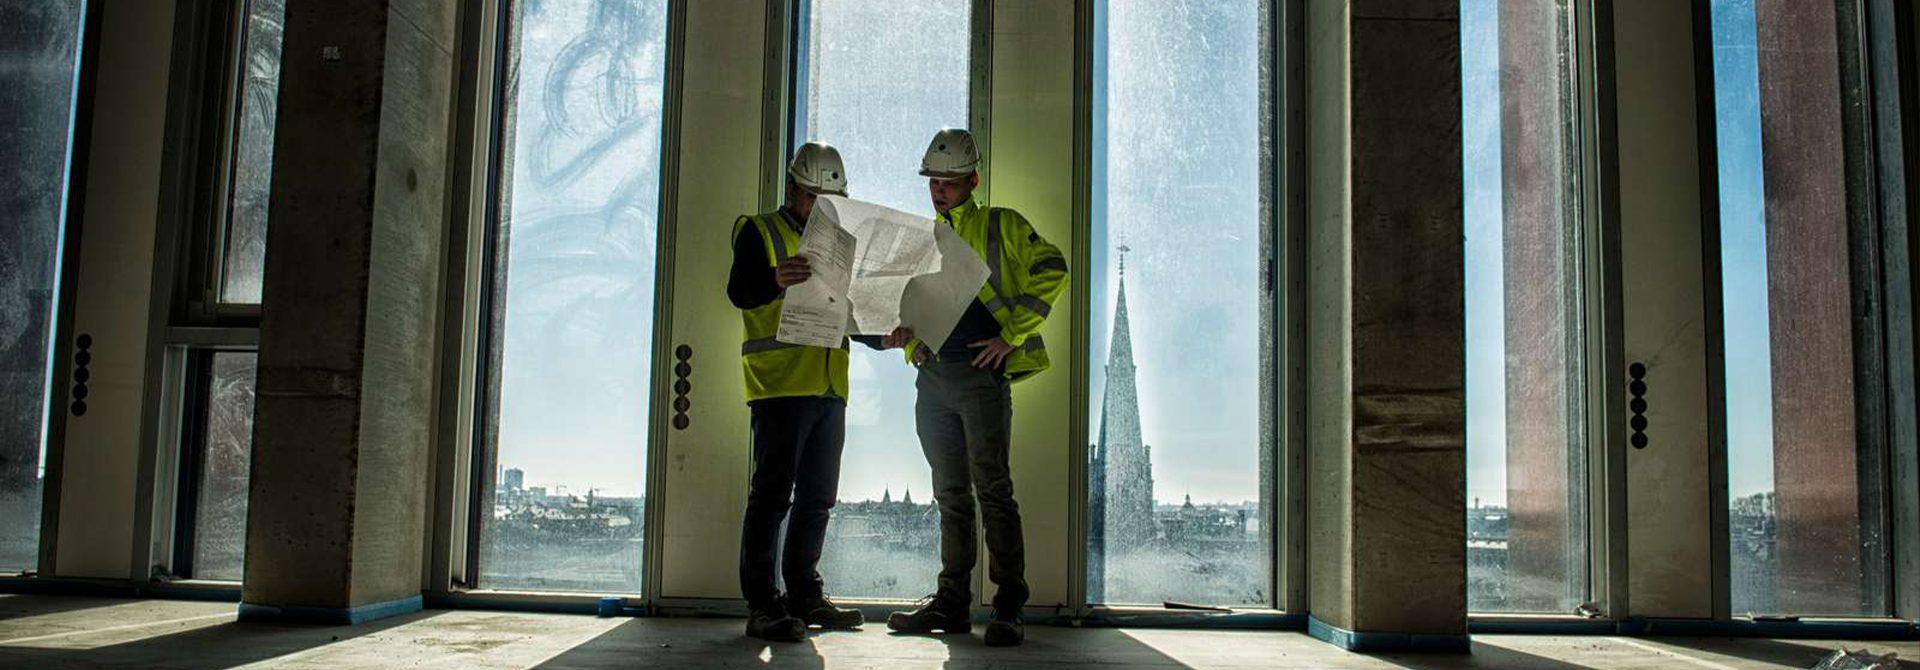 Fagbevægelsens Hovedorganisation, 2 byggekonstruktører kigger på tegninger sammen på byggeplads højt oppe med flot klar udsigt, Ludvigsen